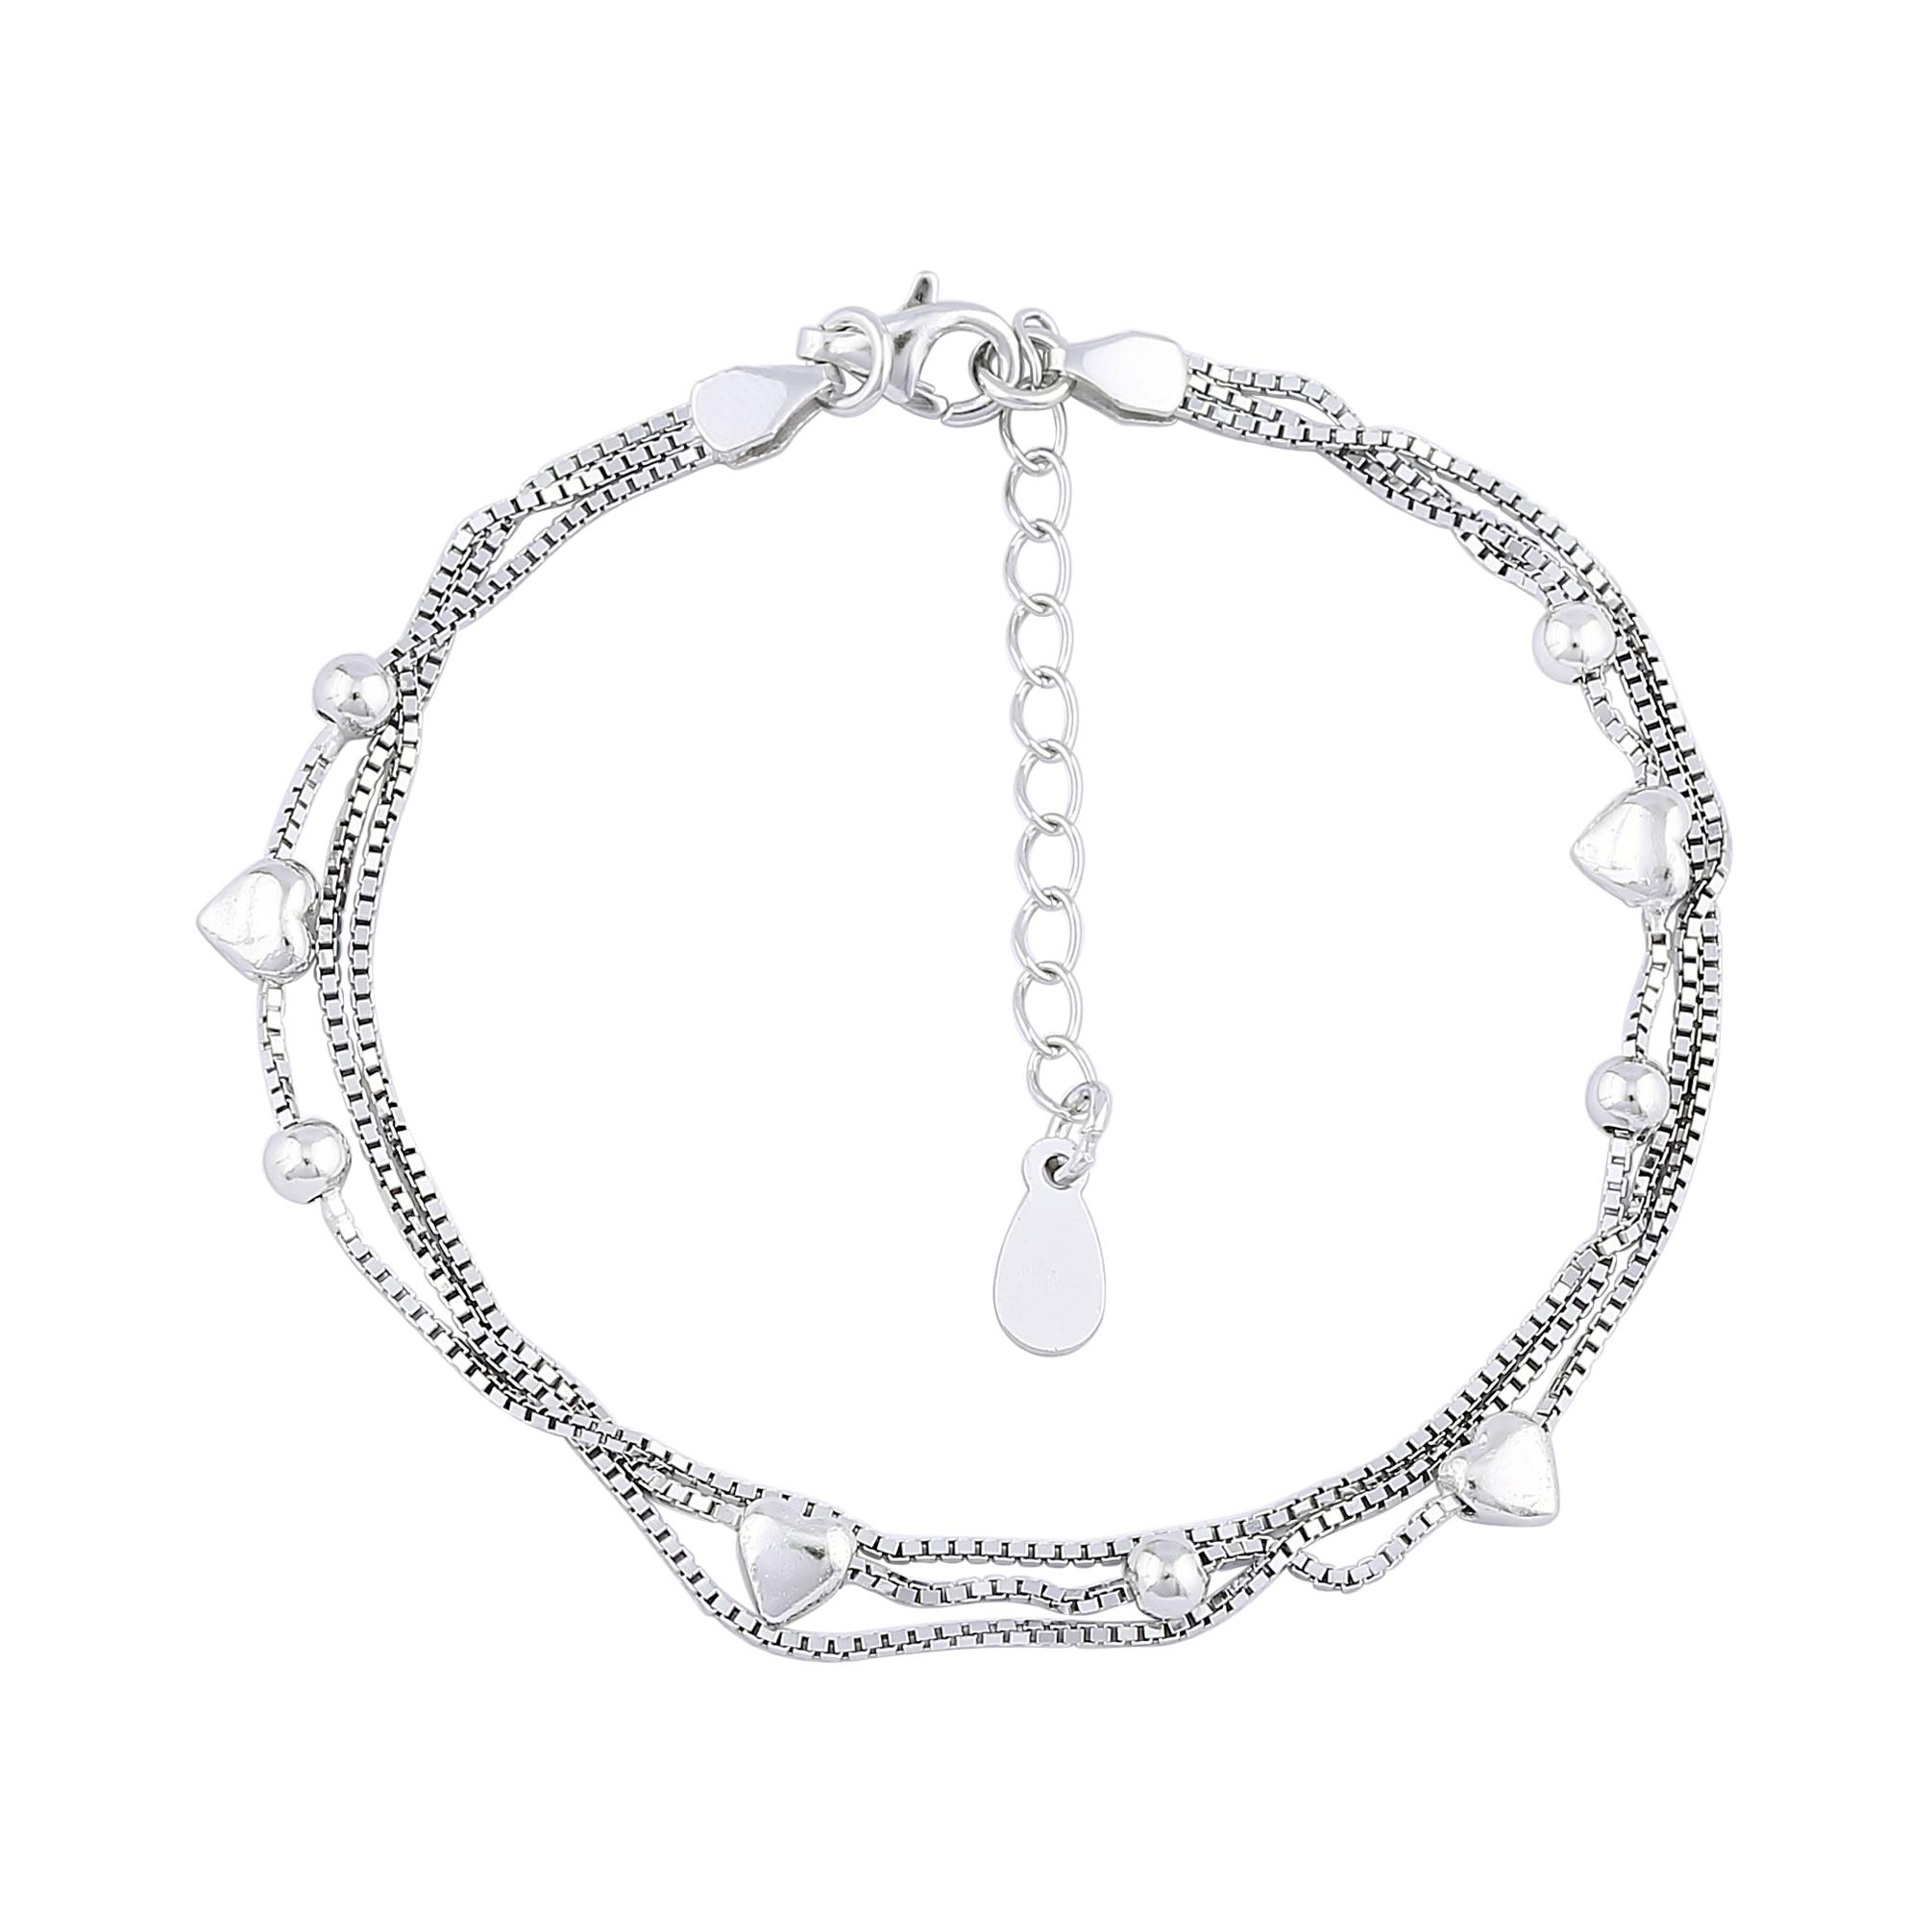 Lắc tay bạc nữ mã Q91LAU000134